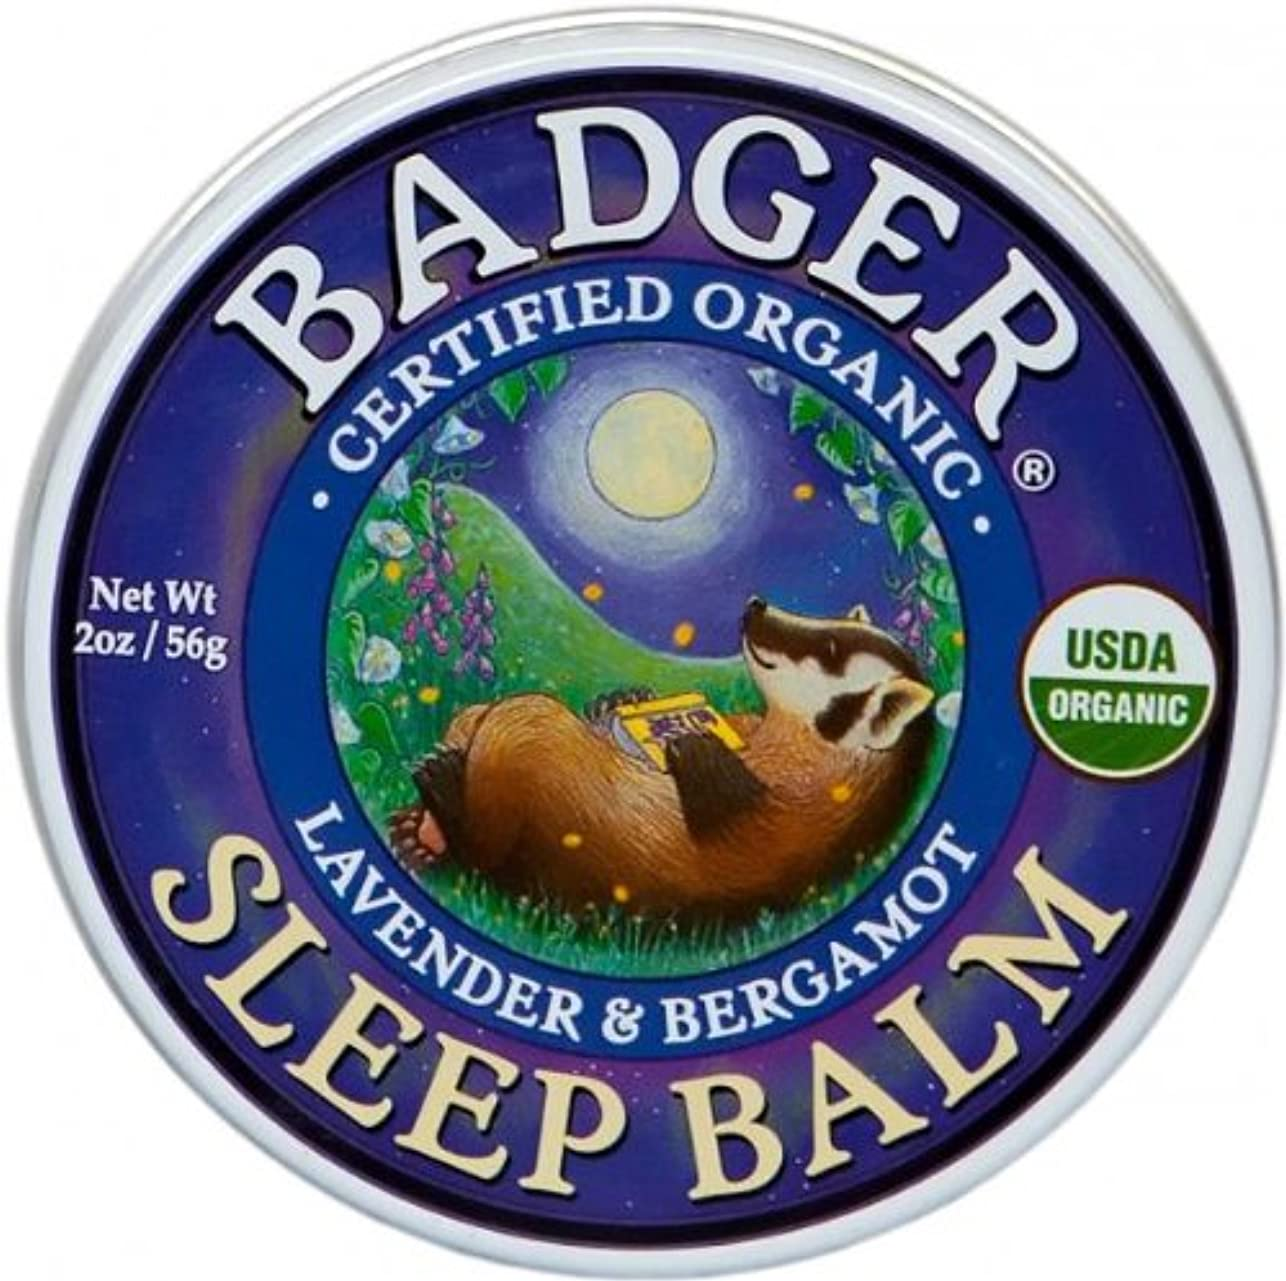 関連する深い散歩Badger バジャー オーガニック スリープバーム おやすみ前アロマクリーム【大サイズ】 56g【海外直送品】【並行輸入品】